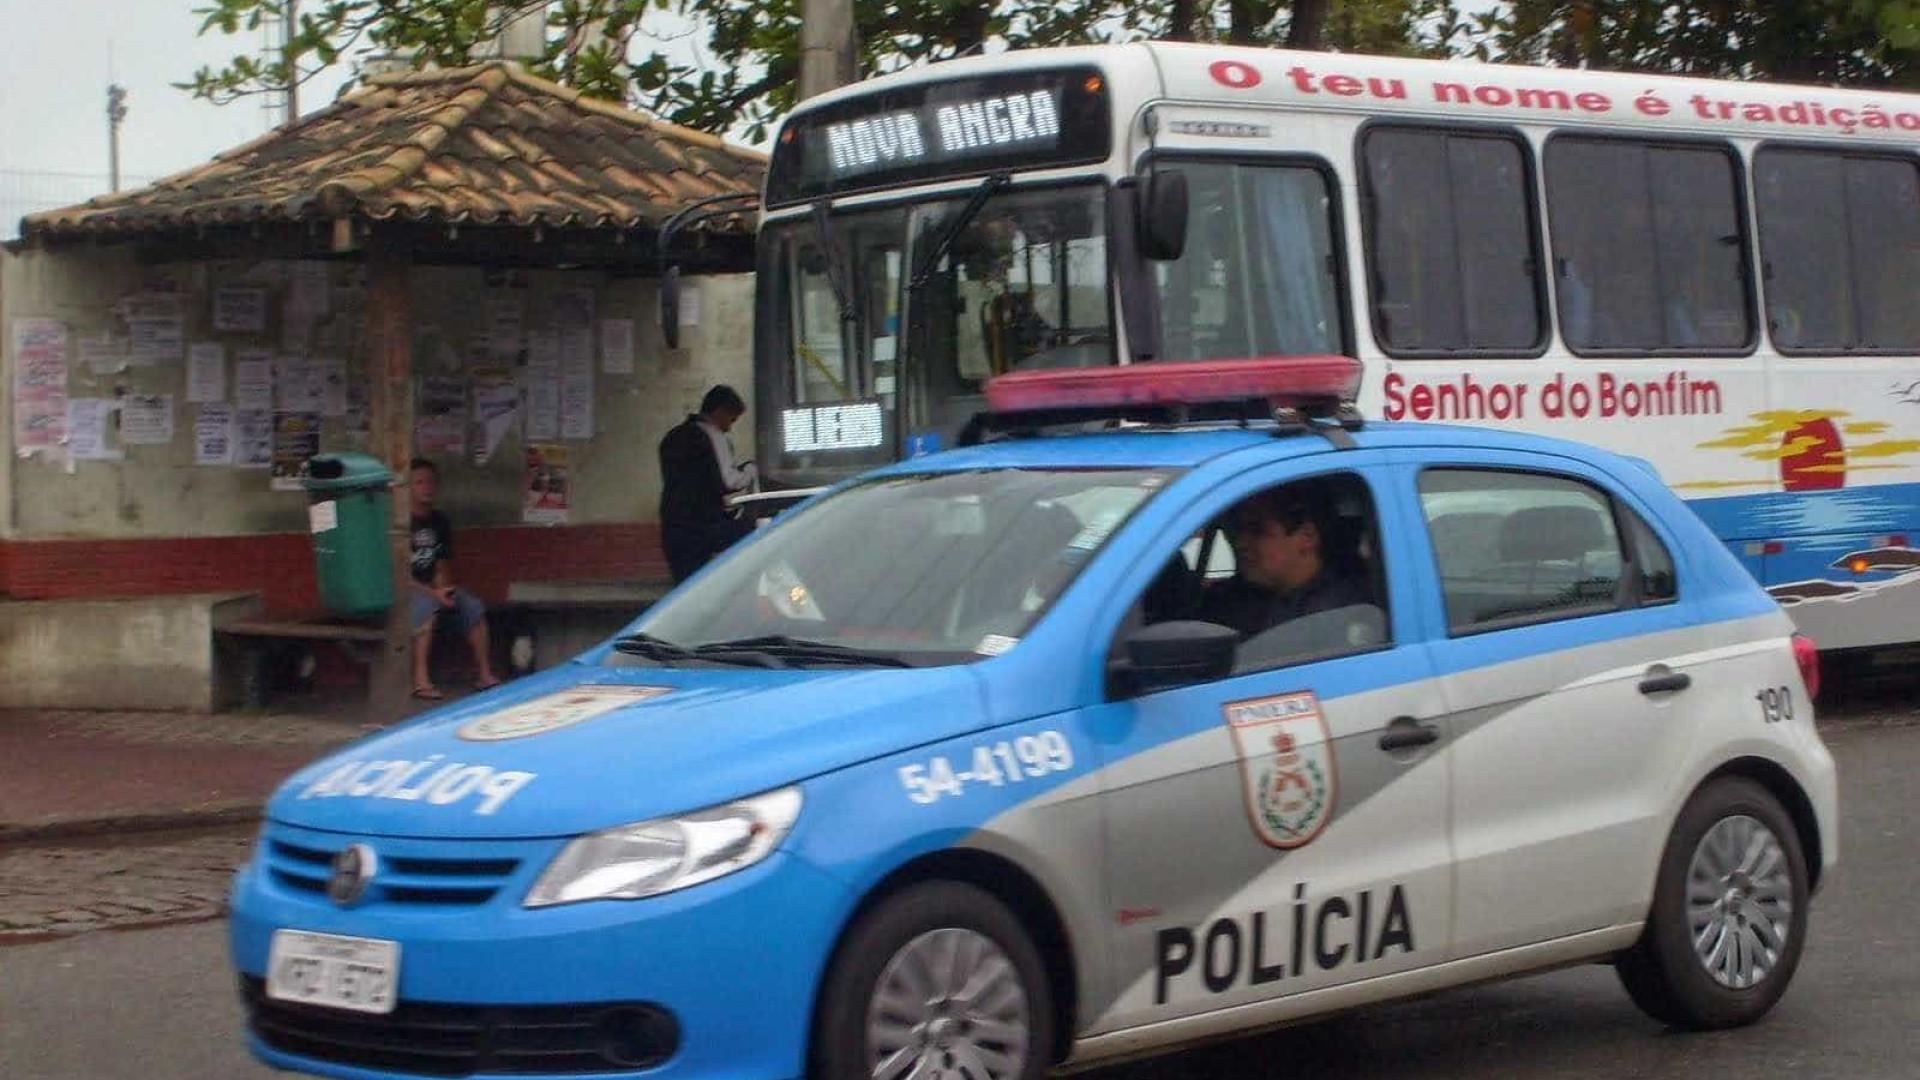 Bandidos rendem casal com bebê de um mês e roubam carro no RJ